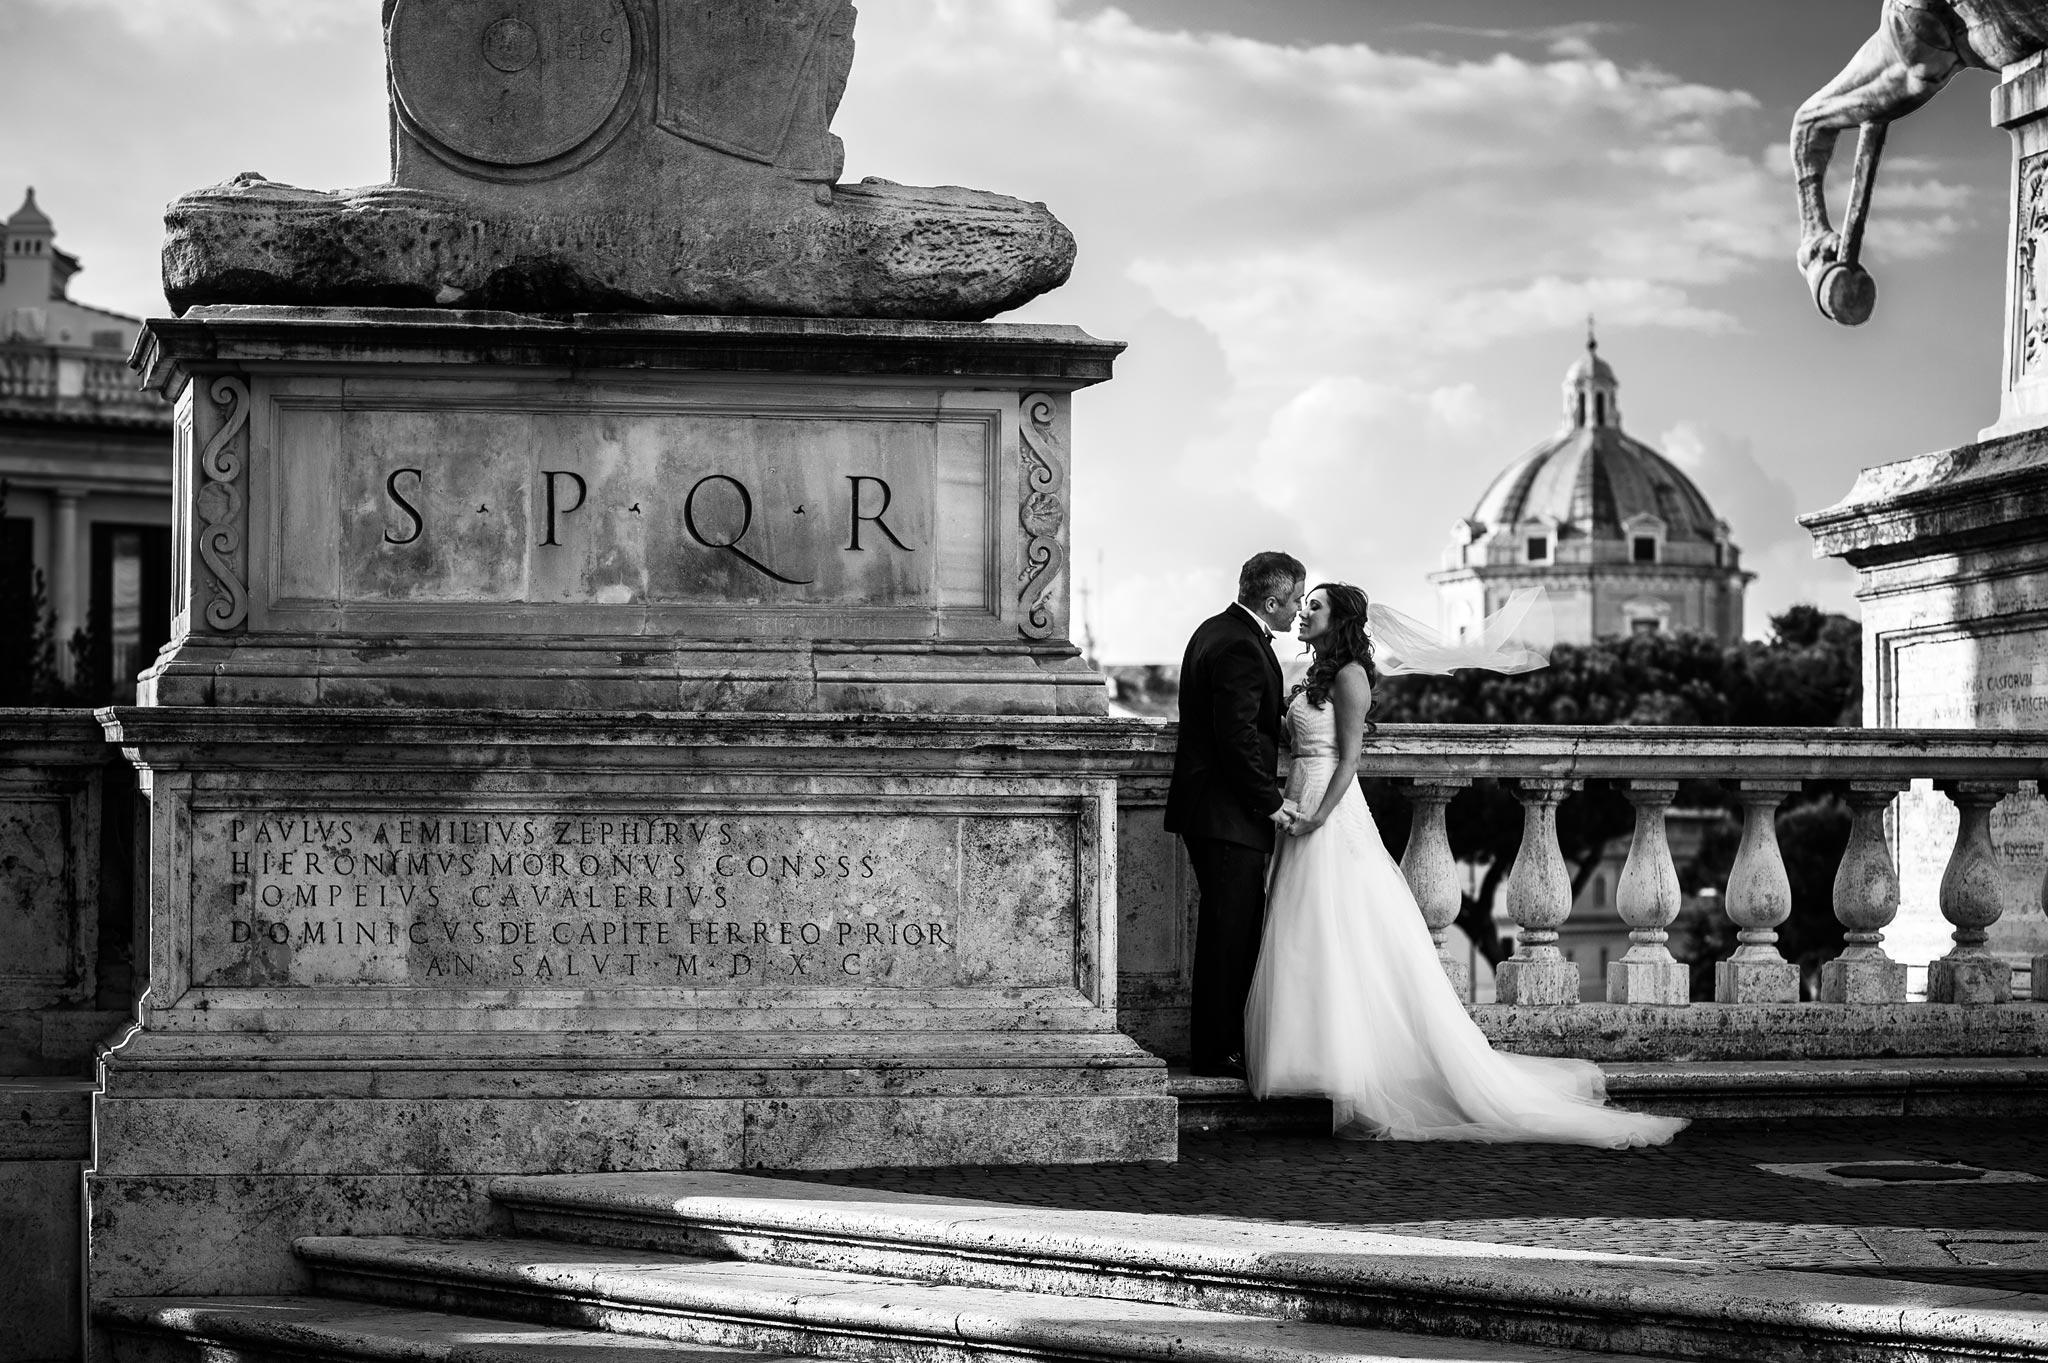 Matrimonio Rustico Roma : Fotografie da matrimonio a roma uno scenario regalato